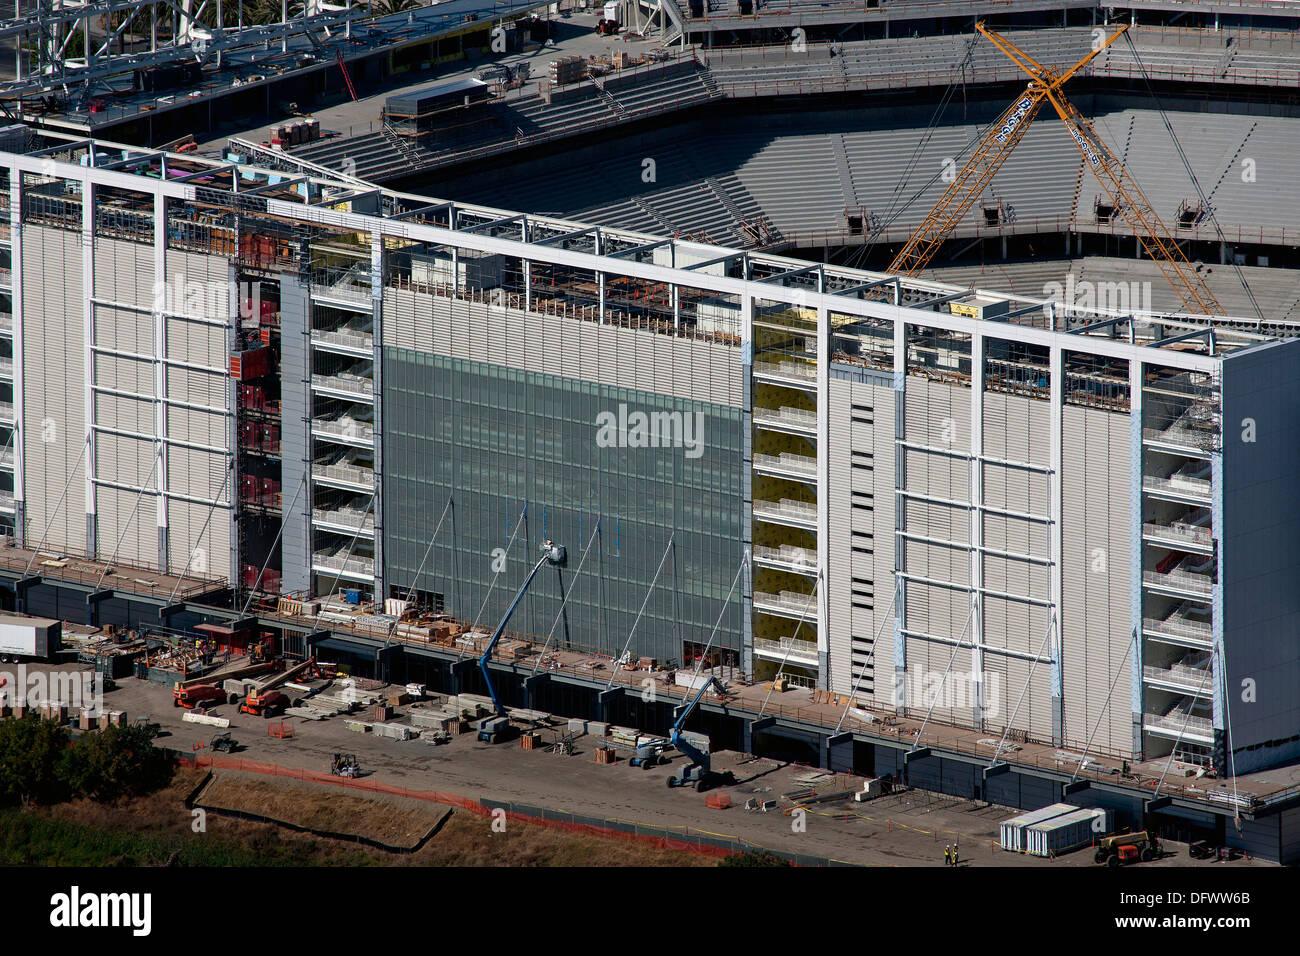 aerial photograph Levi's Stadium Santa Clara, California - Stock Image